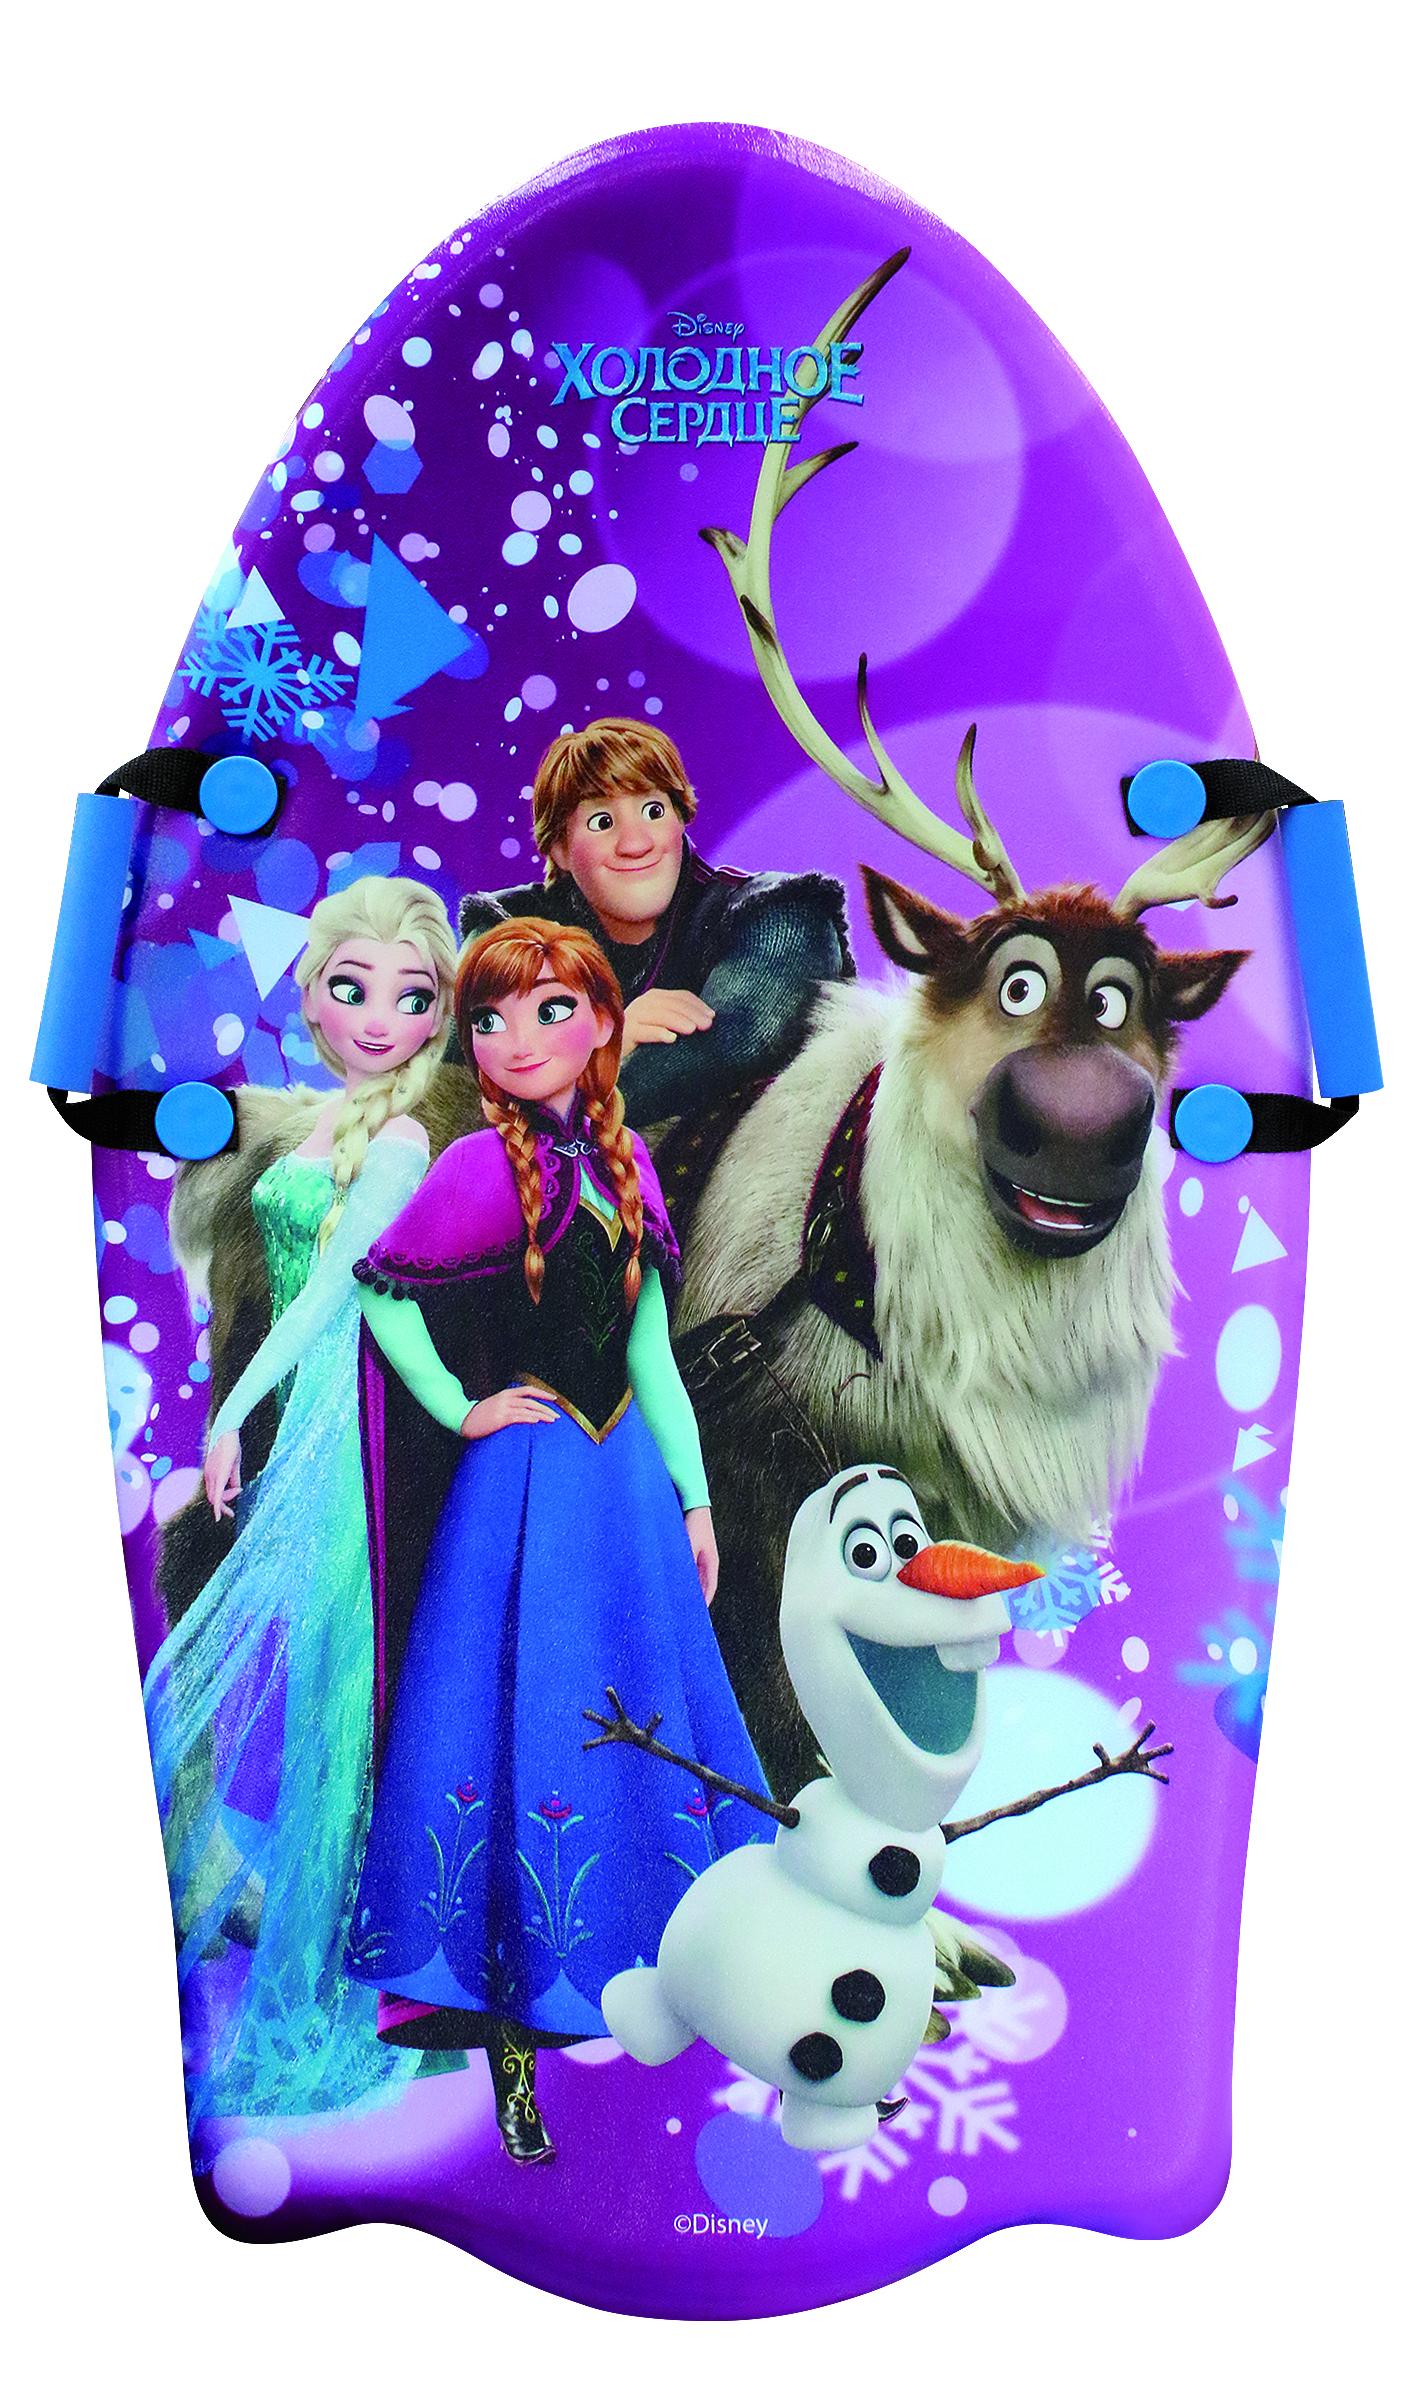 Ледянки Disney Ледянка Disney «Холодное сердце» с плотными ручками 92 см 1toy ледянка холодное сердце 92 см